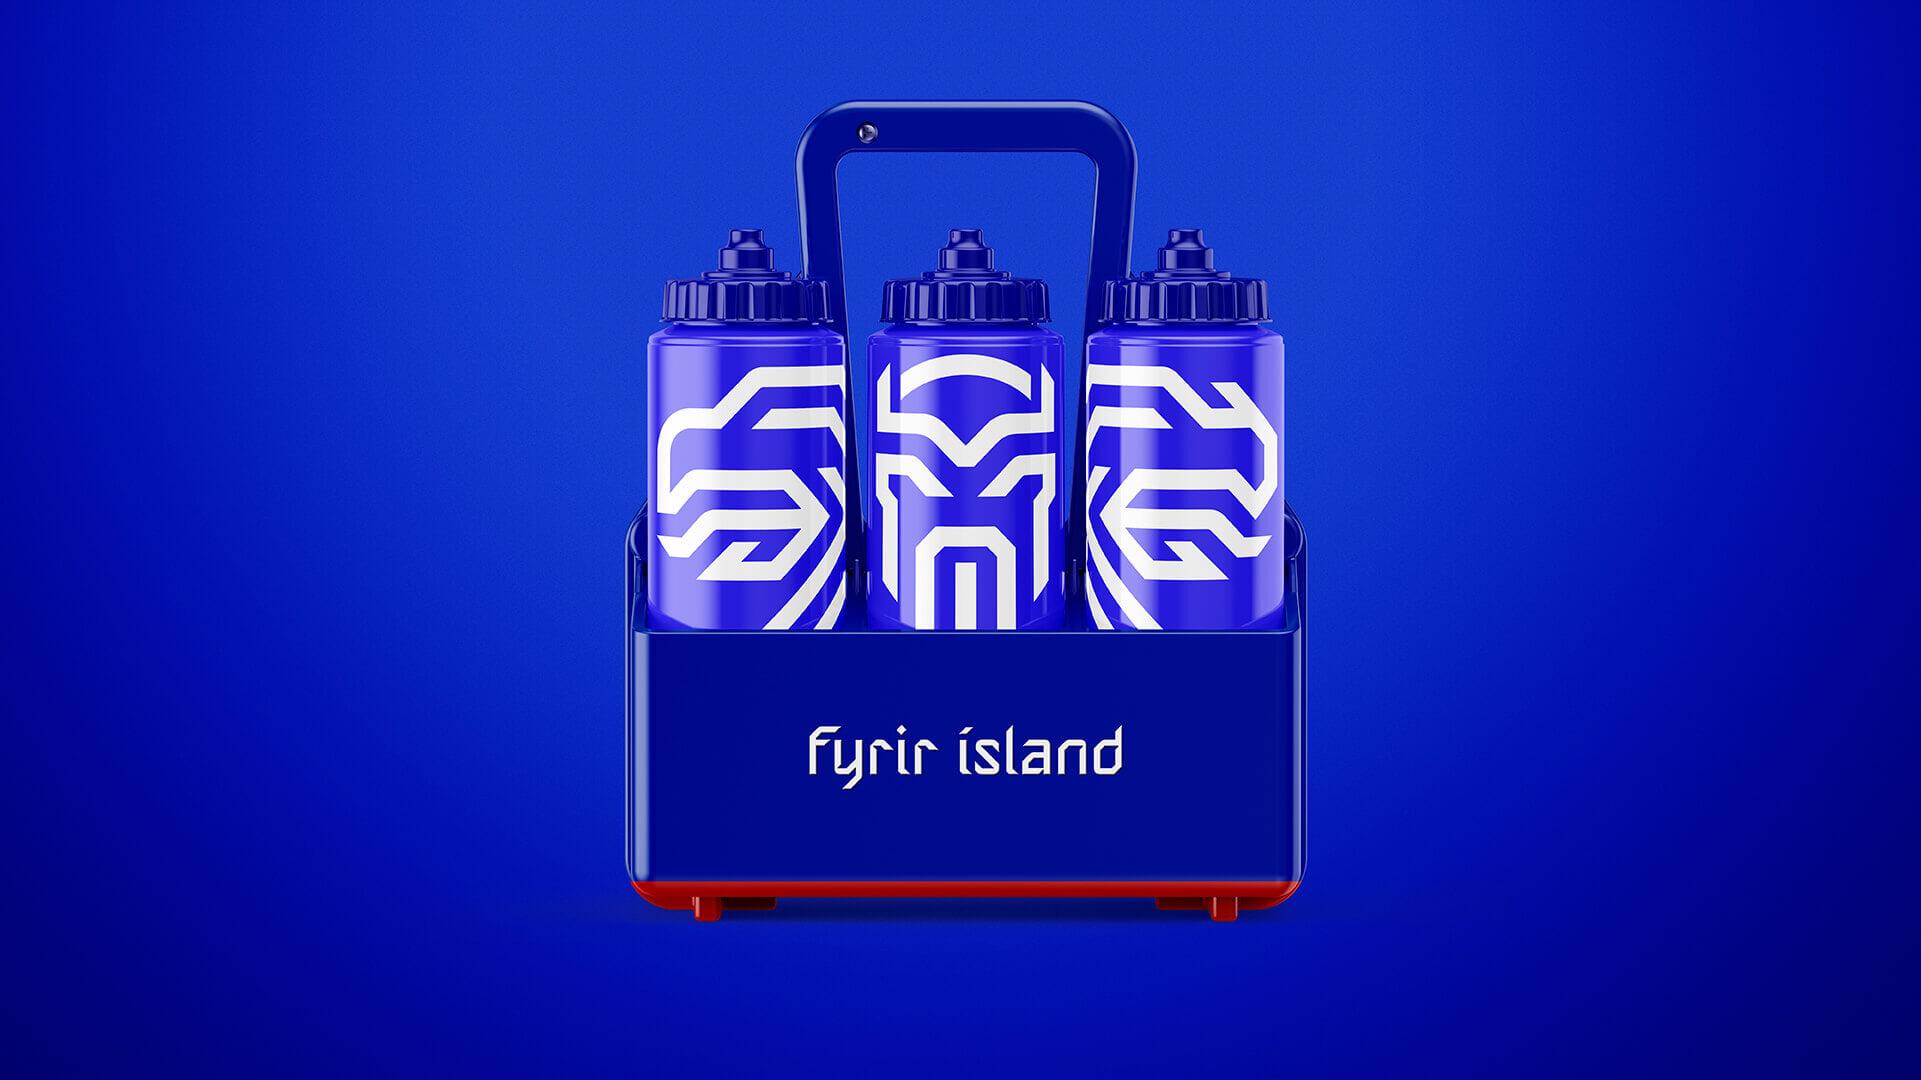 Мы узнали, как появилось завораживающее лого Исландии: «Игра престолов» ни при чем, источник дерзости – успехи сборной